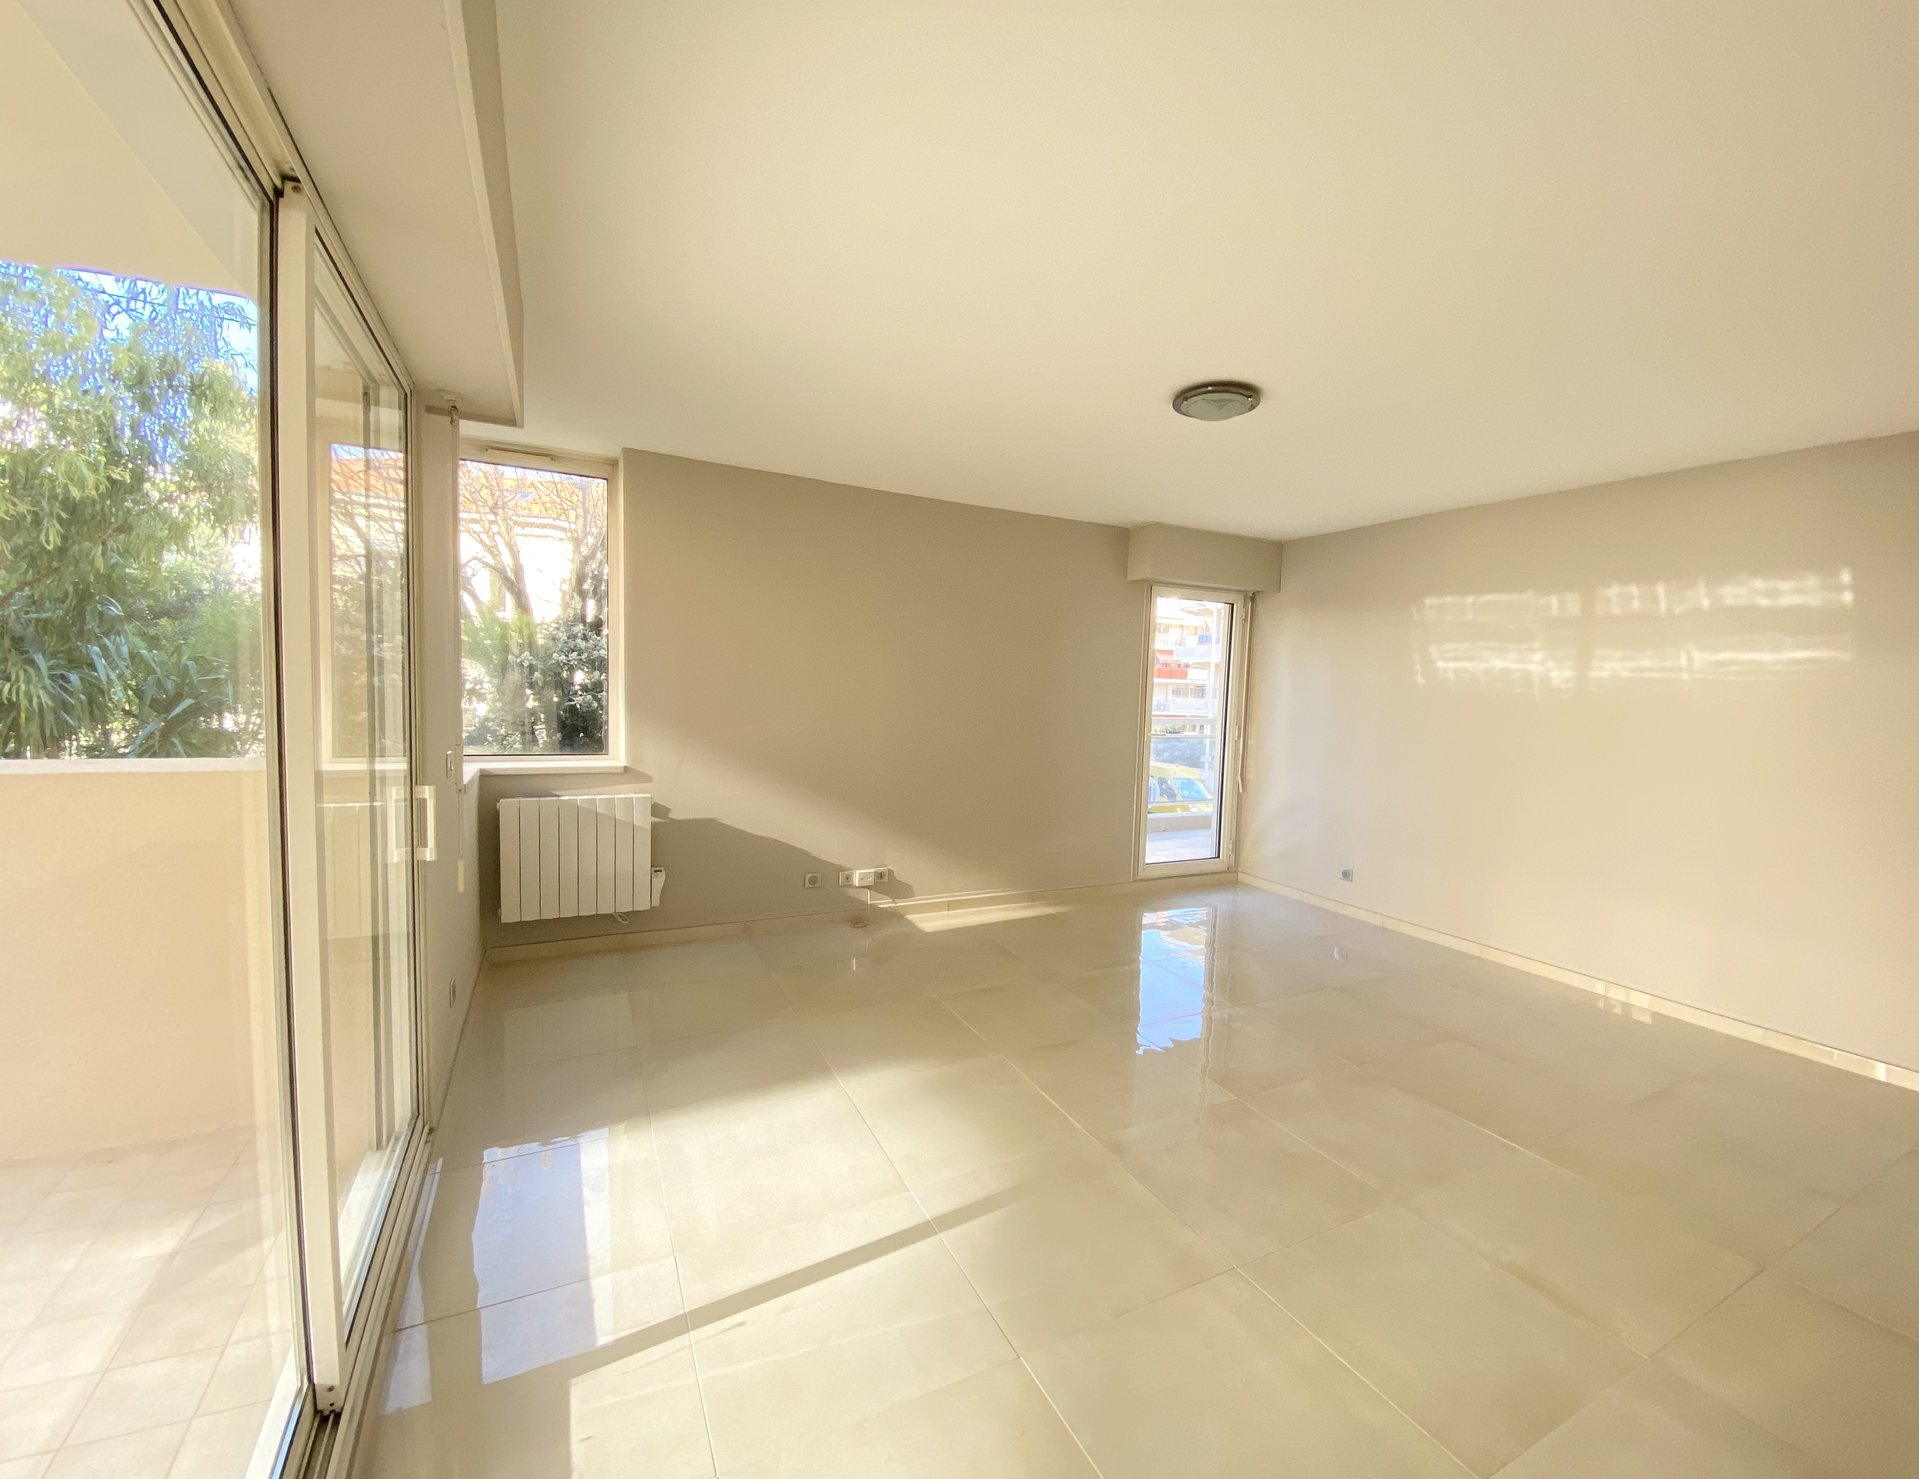 3 pièces de 68,16 m² Cannes - Gallieni -